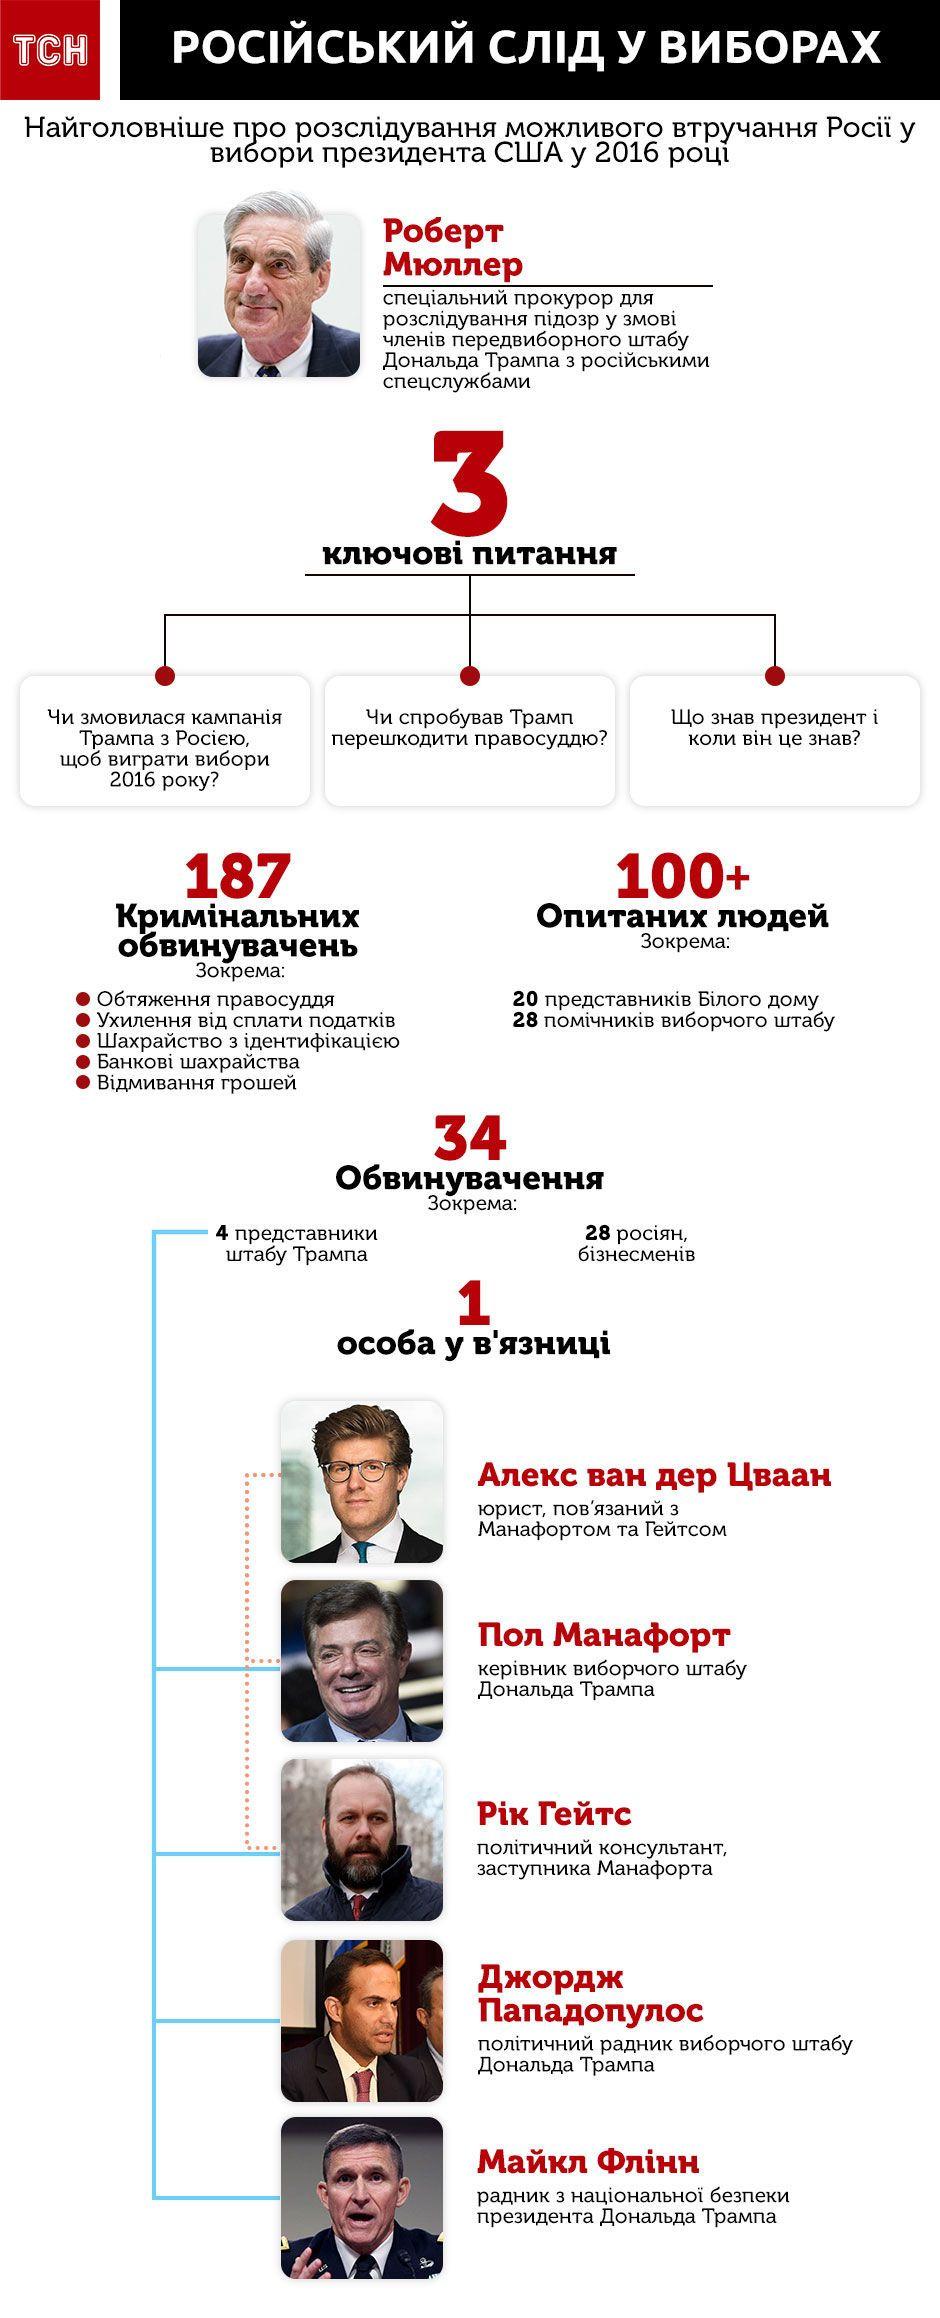 російський слід у виборах США, інфографіка